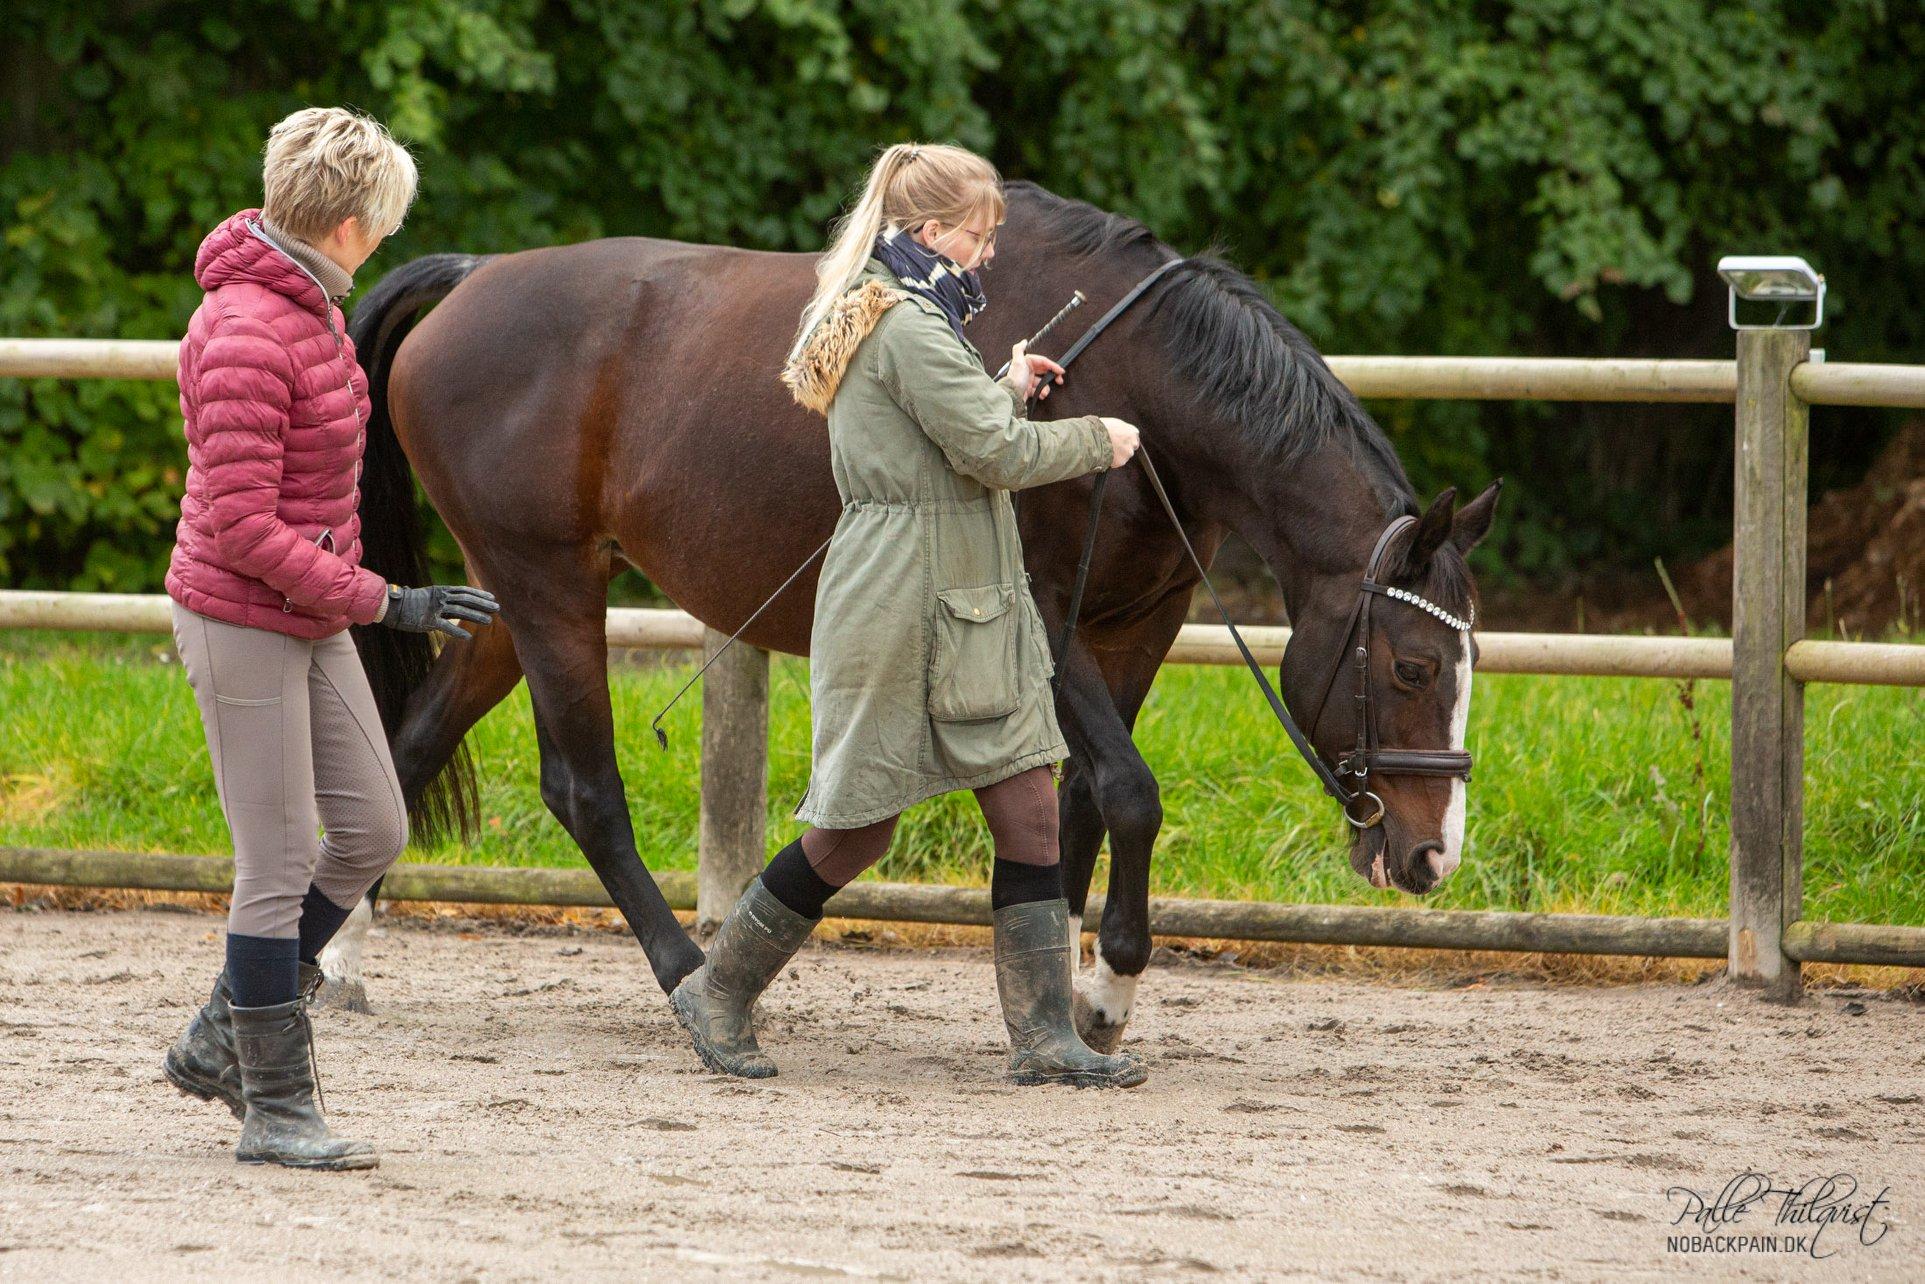 Hånden holdes i en opadgående retning indtil hesten begynder at tygge på biddet.